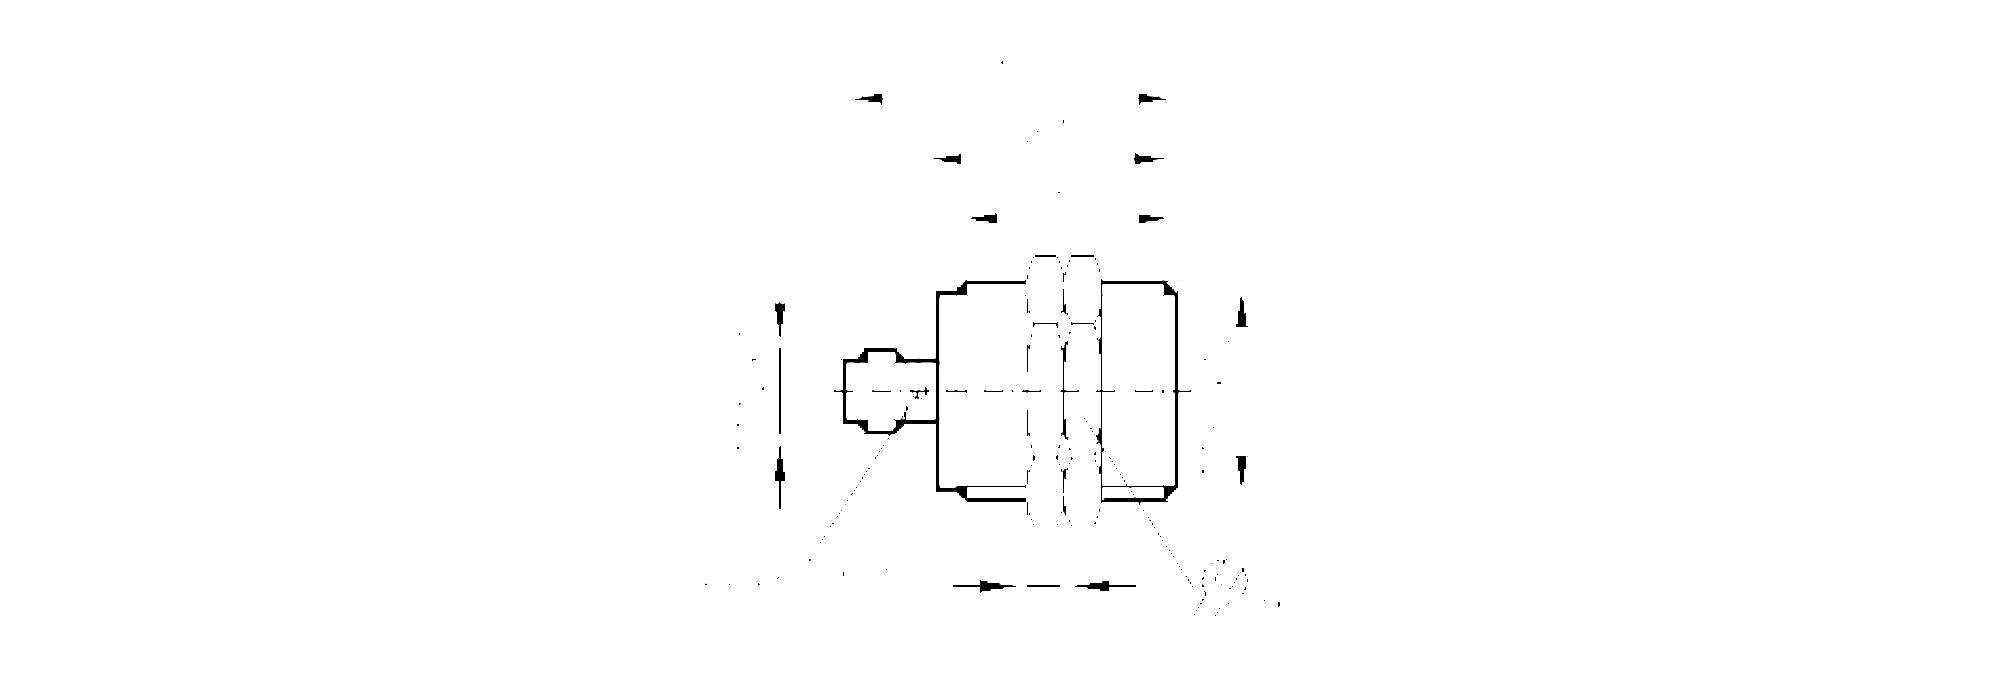 iis269 - inductive sensor